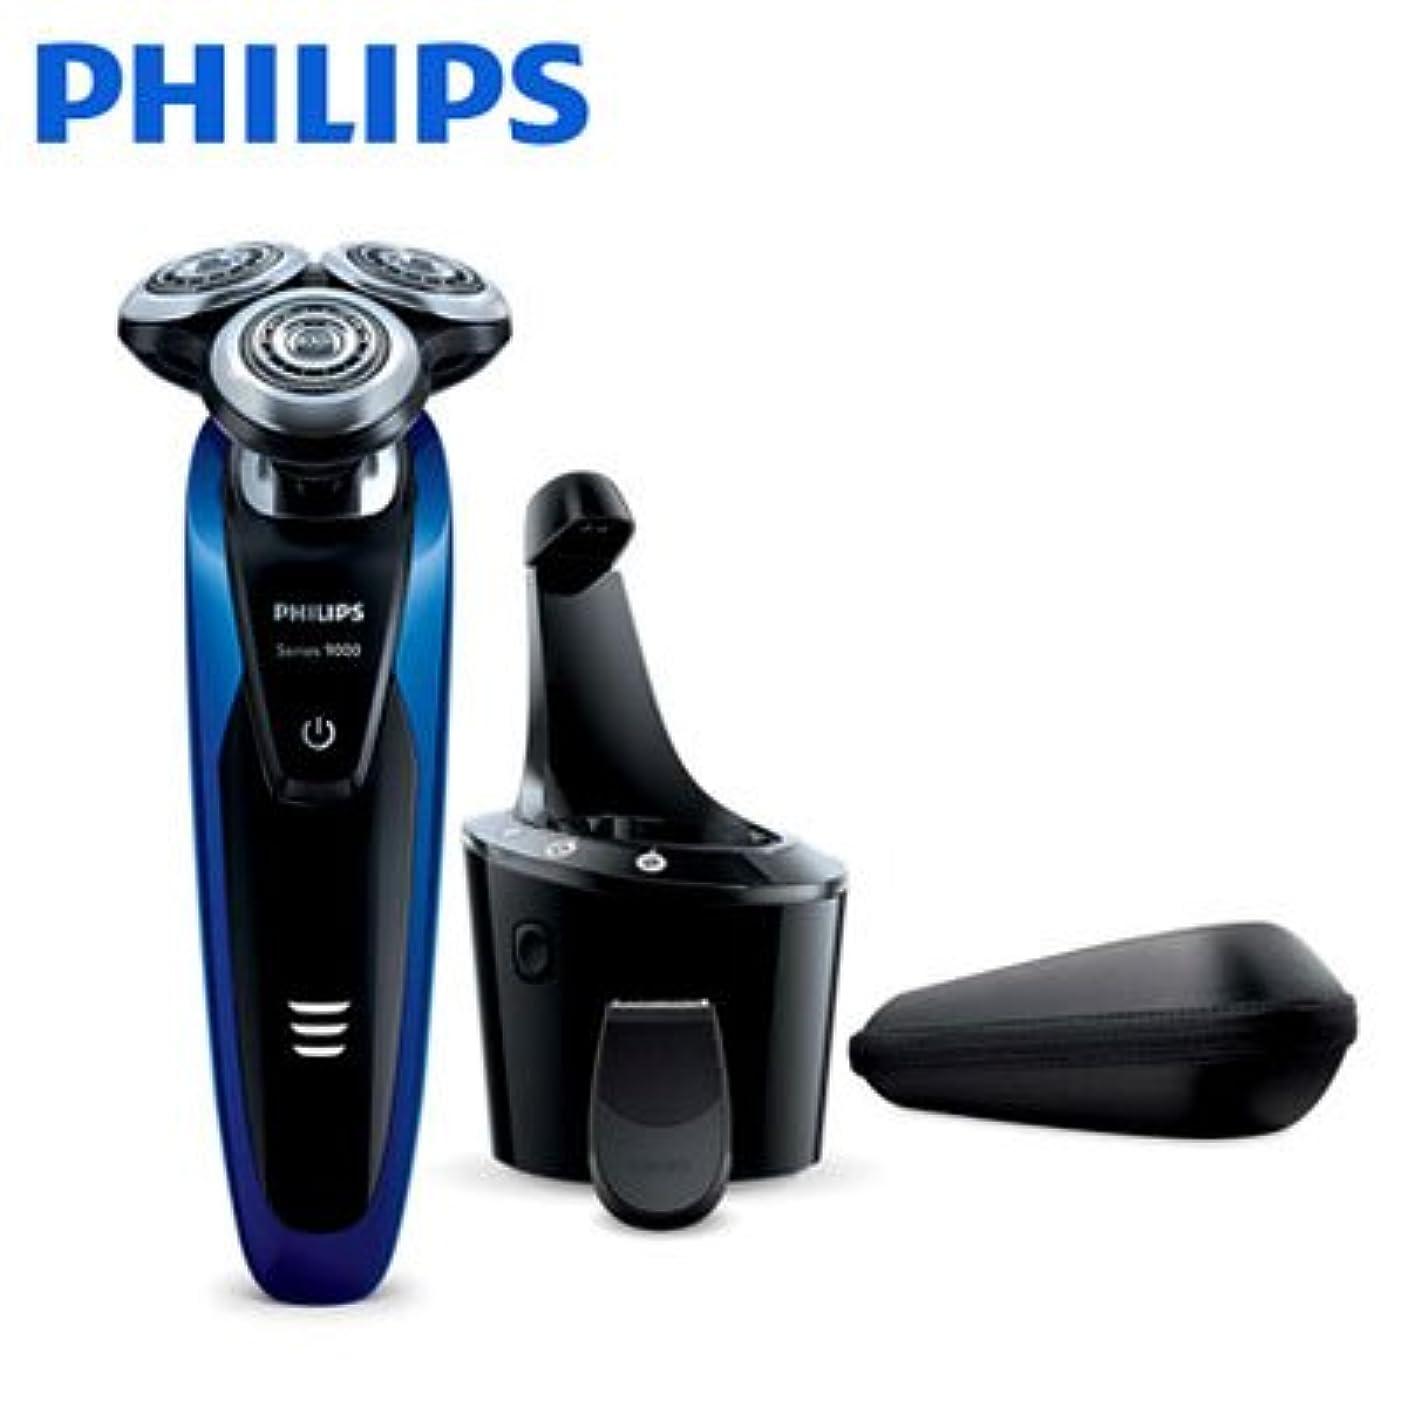 パノラマ心のこもった生活フィリップス メンズシェーバーPHILIPS 9000シリーズ ウェット&ドライ S9182/26